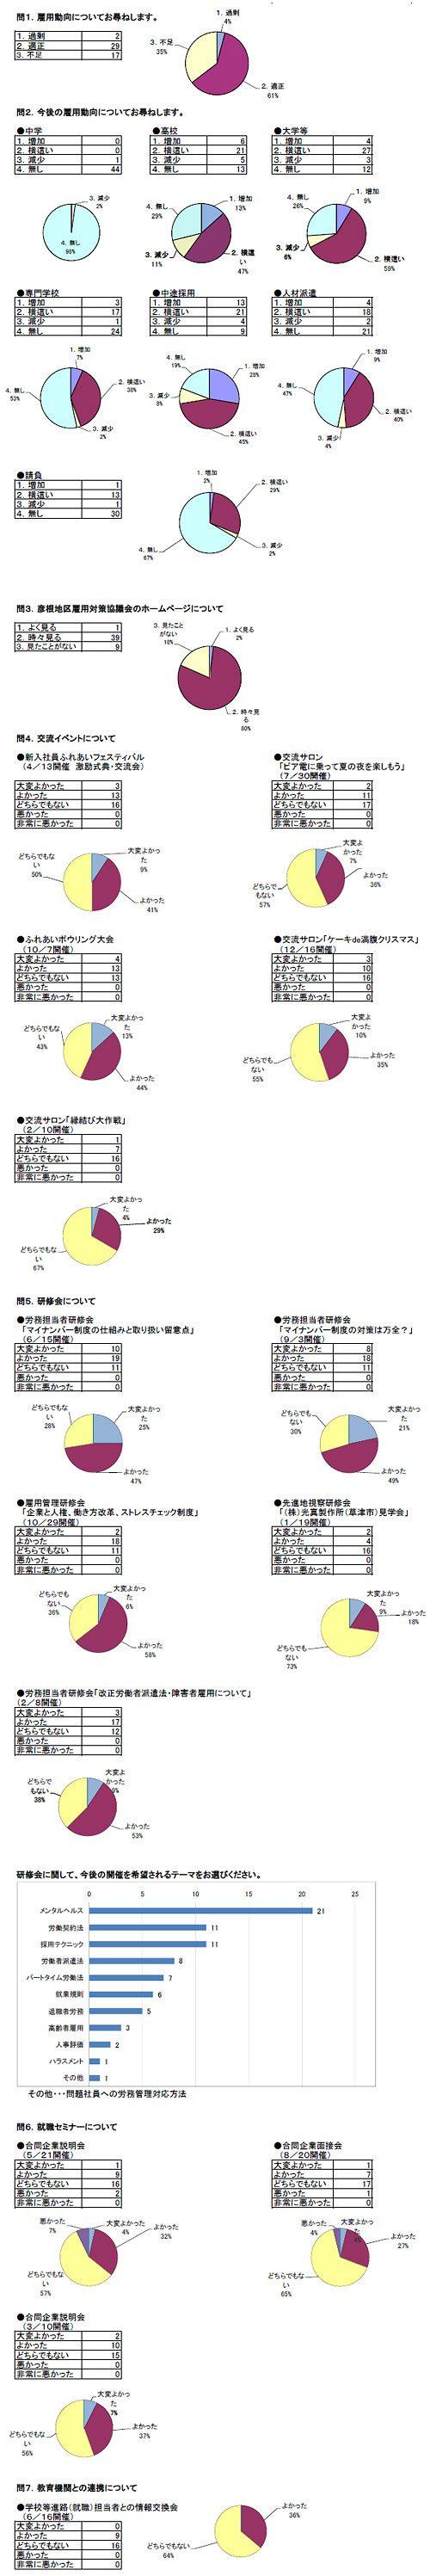 平成27年度会員ニーズ調査集計結果